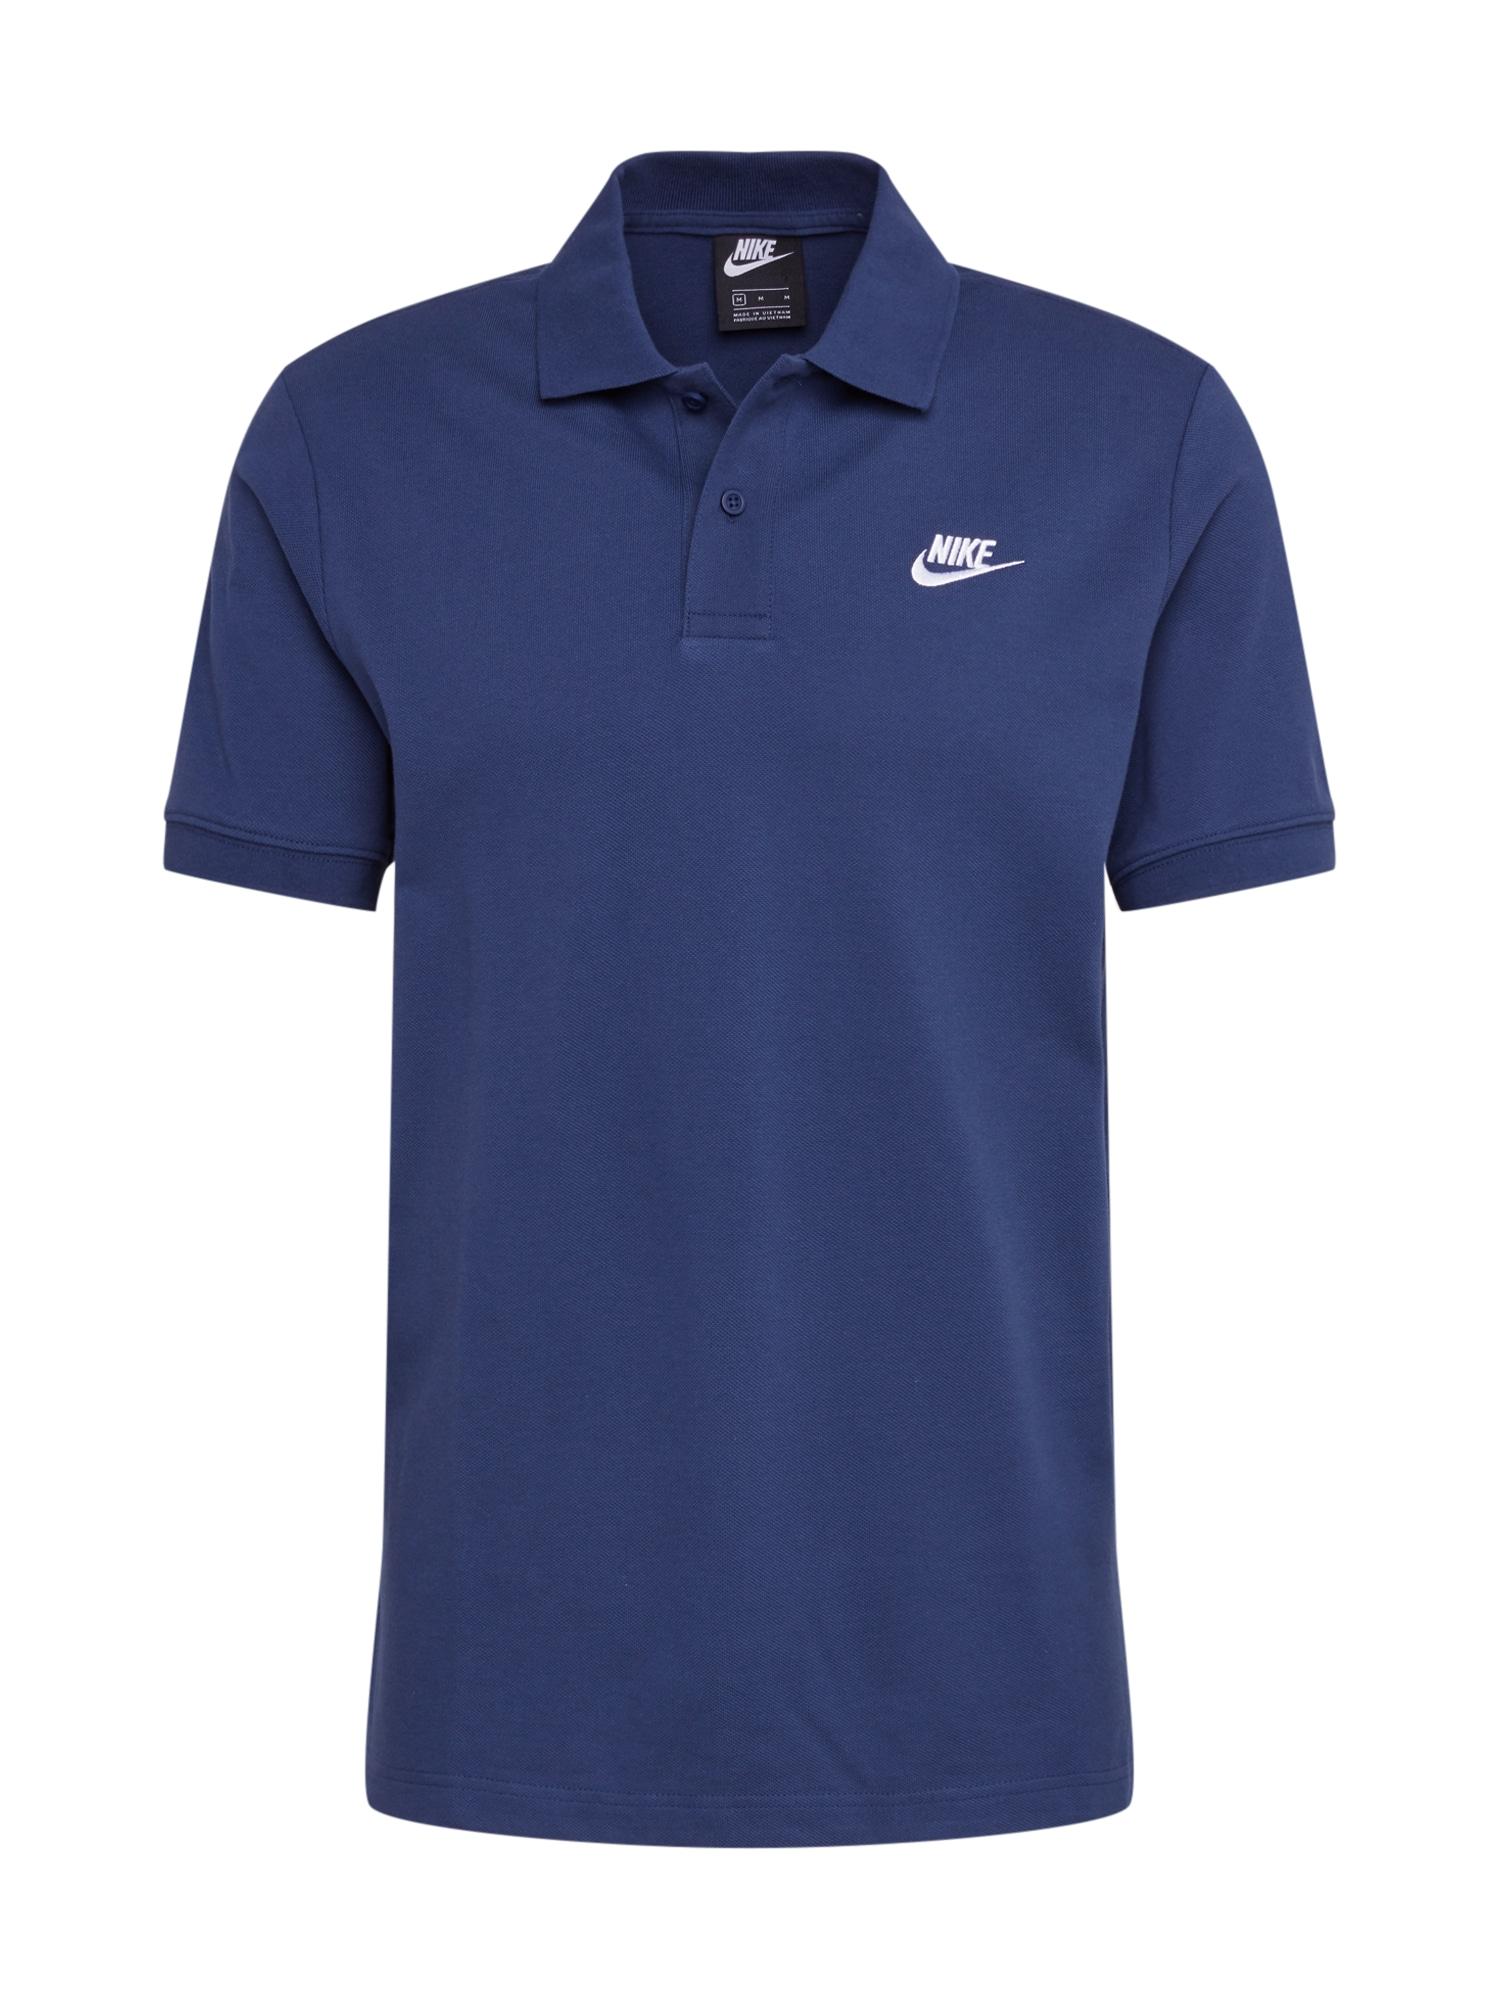 Nike Sportswear Sportiniai marškinėliai nakties mėlyna